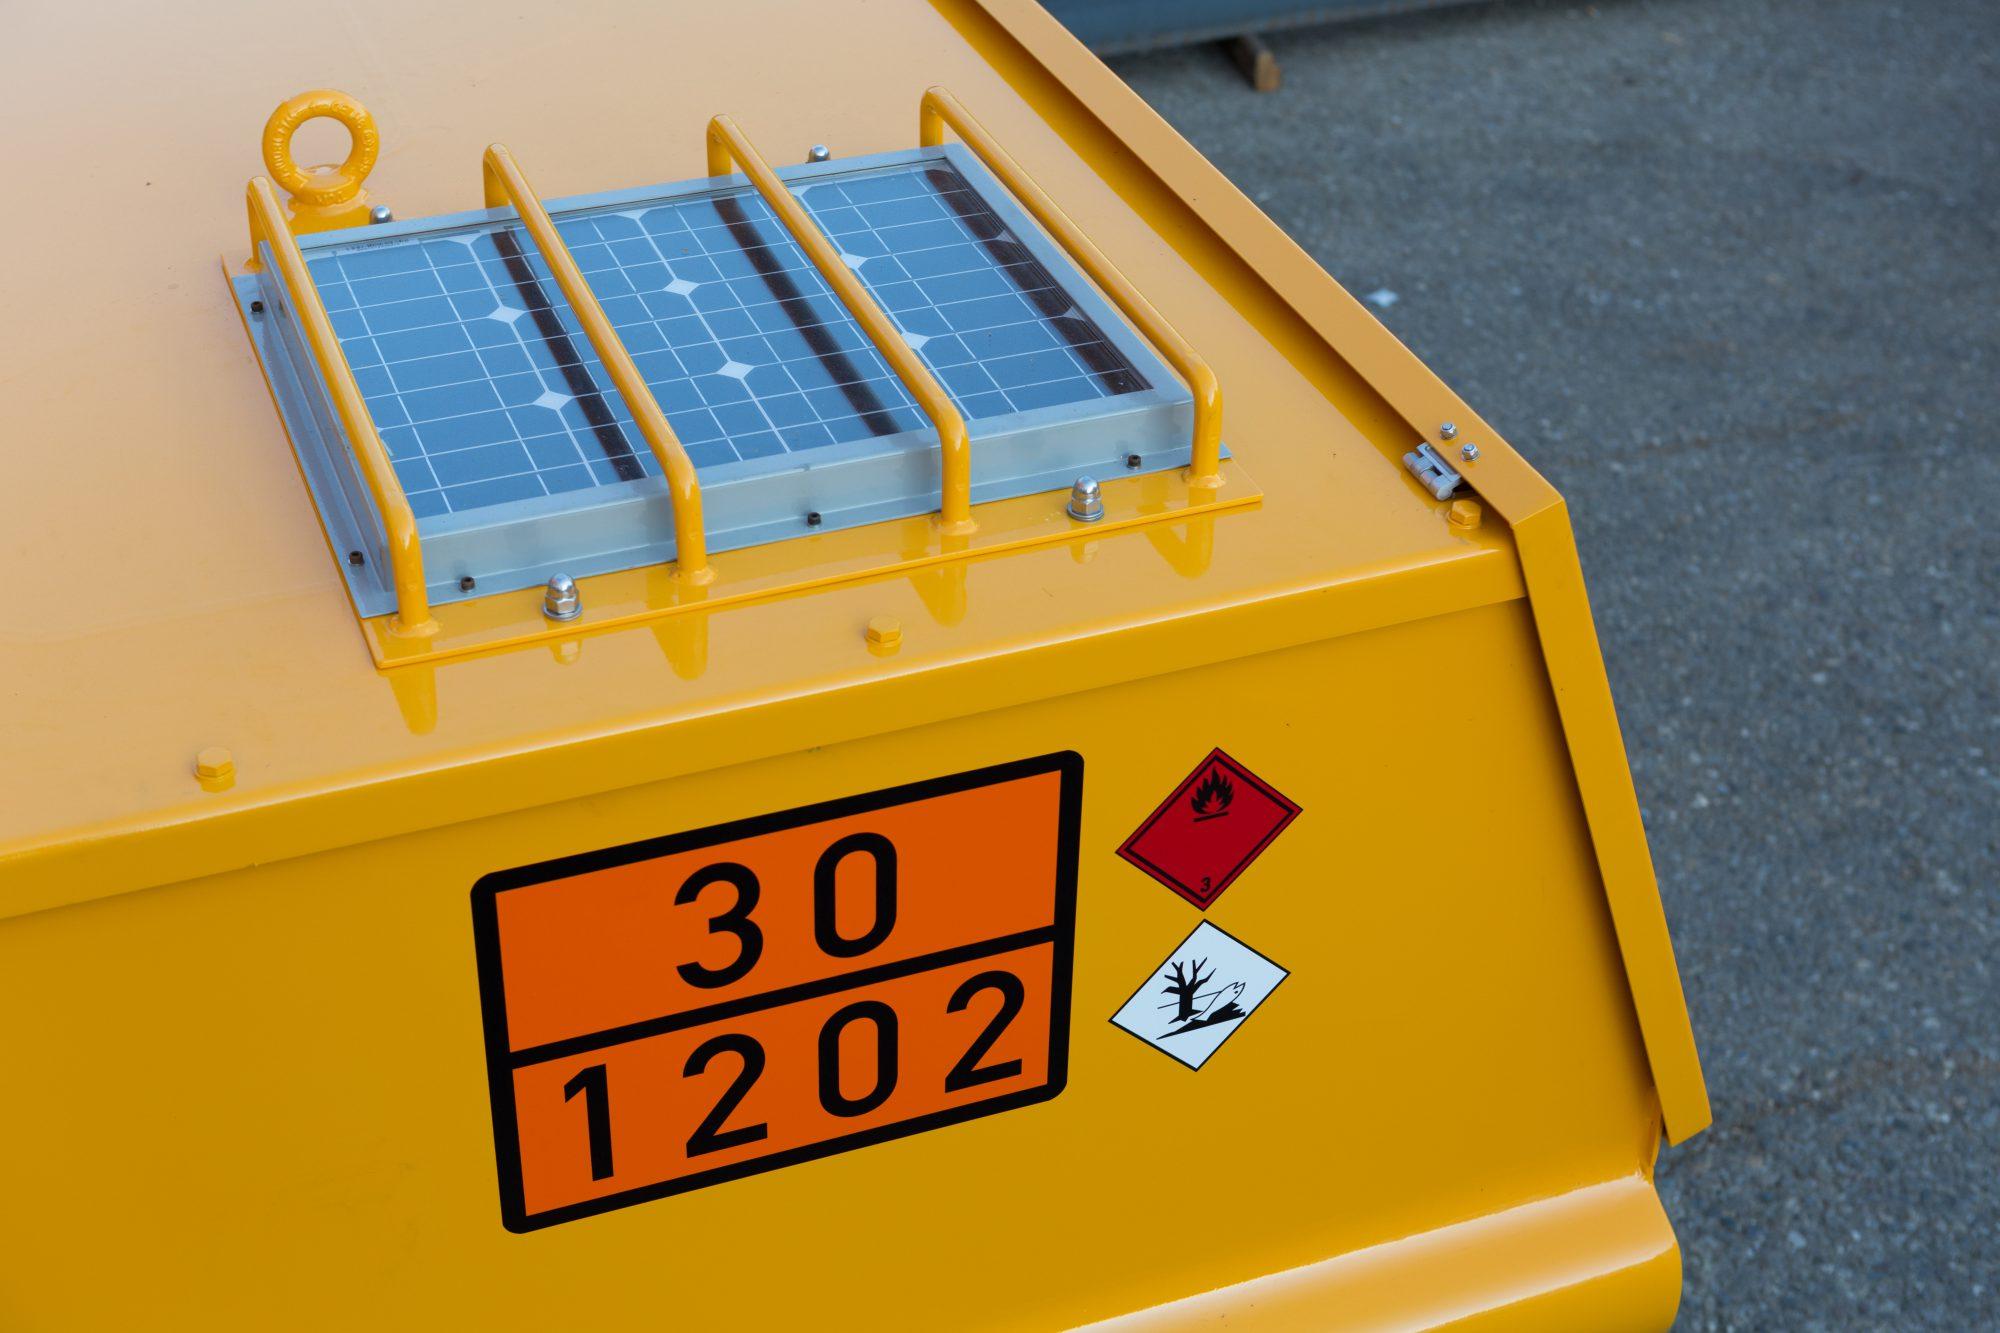 Optional Solarmodul mit 12V Elektropumpe und zusätzliches 230V Ladegerät